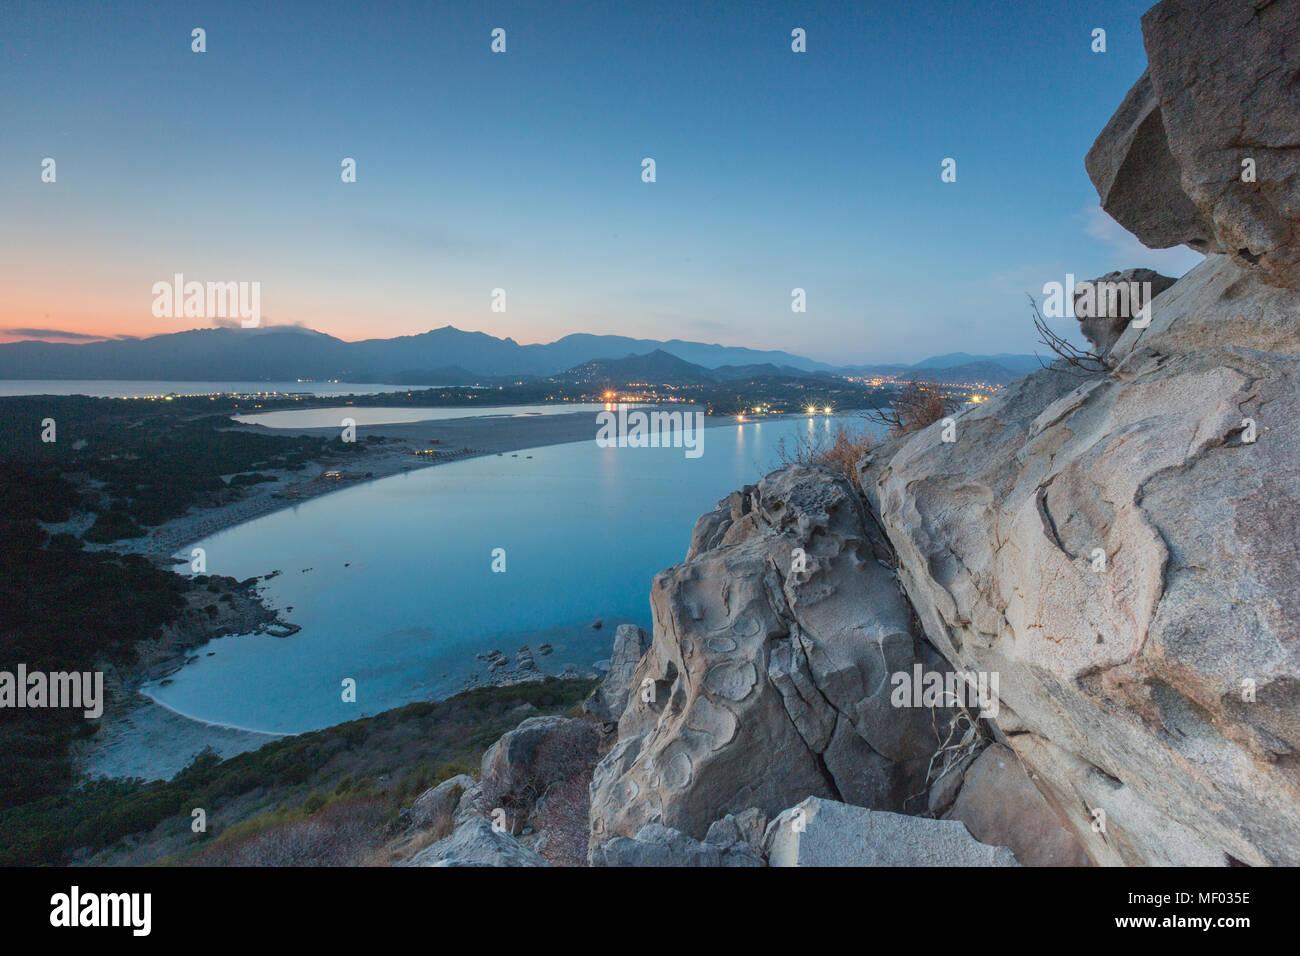 Vista superiore della baia con le spiagge sabbiose e le luci di un villaggio al tramonto Porto Giunco Villasimius Cagliari Sardegna Italia Europa Immagini Stock